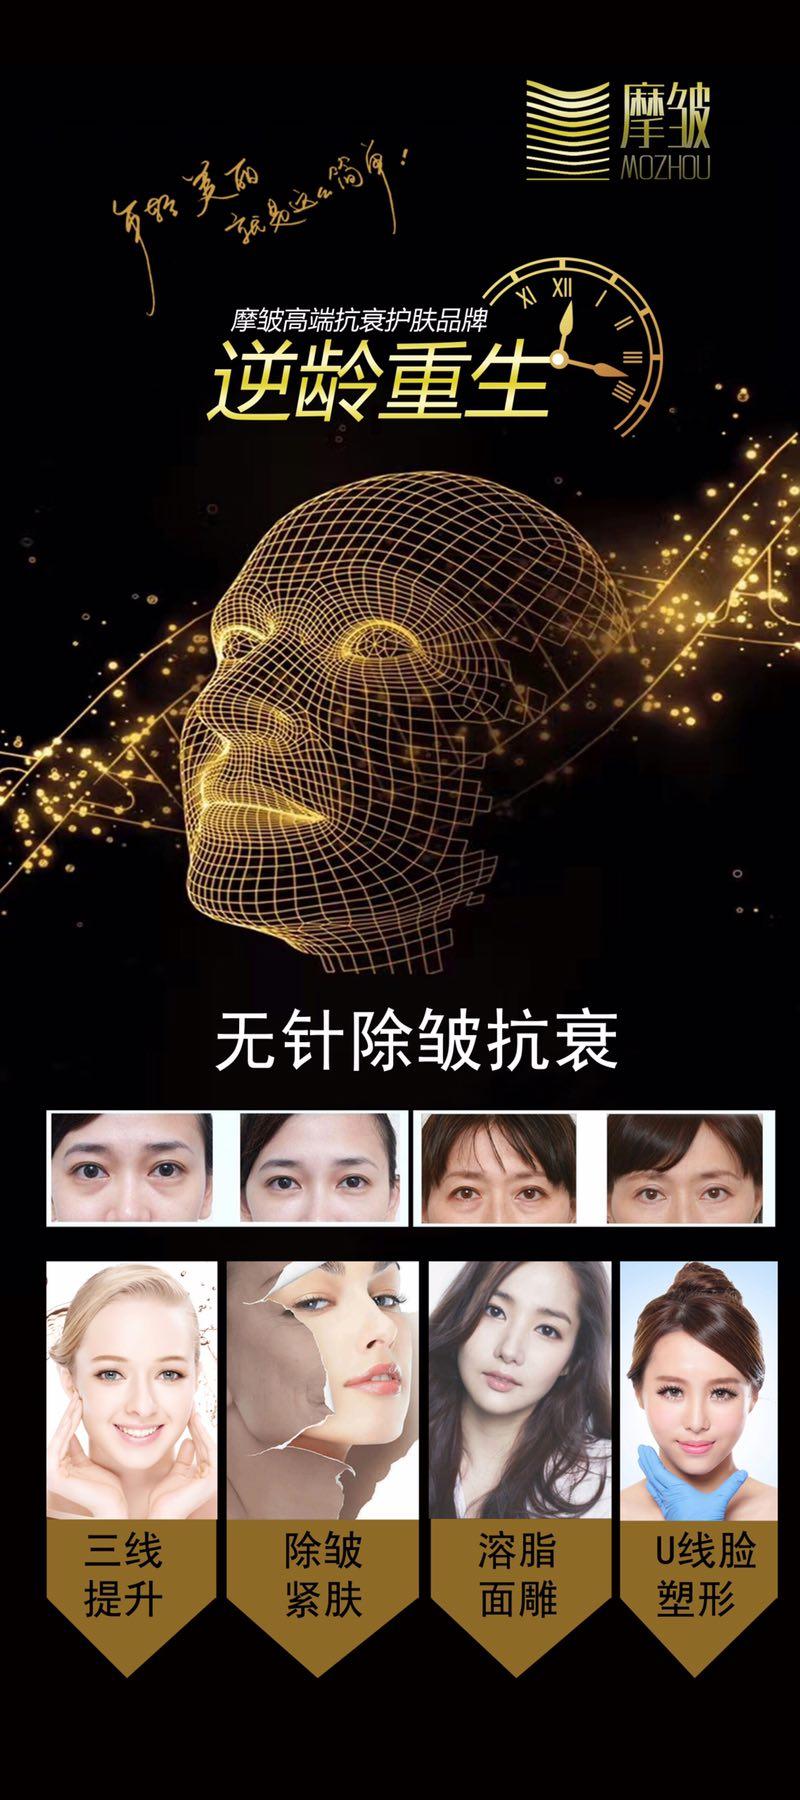 江源县【古方清颜护肤品】安全、健康、有效的护肤品,诚招代理